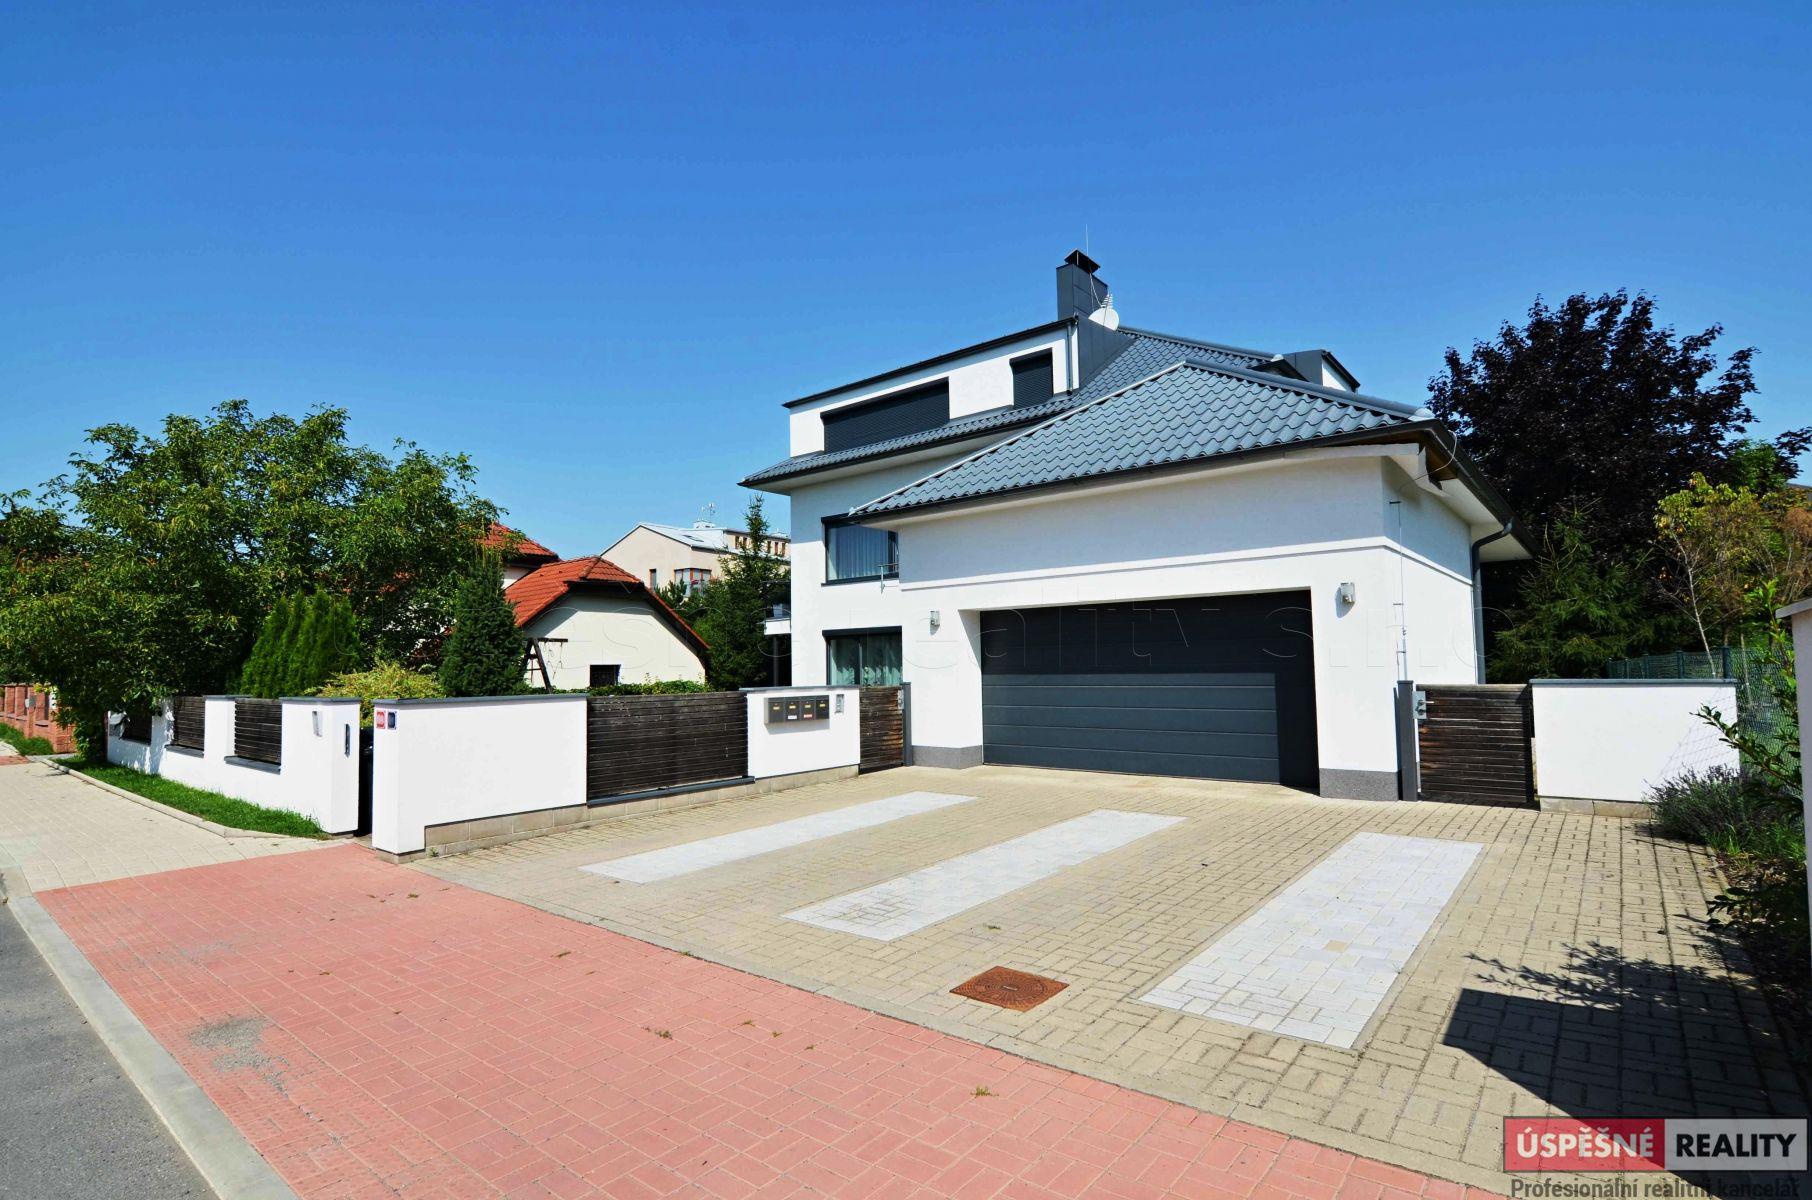 Prodej bytu 4+1 s garáží, balkonem a zahradou